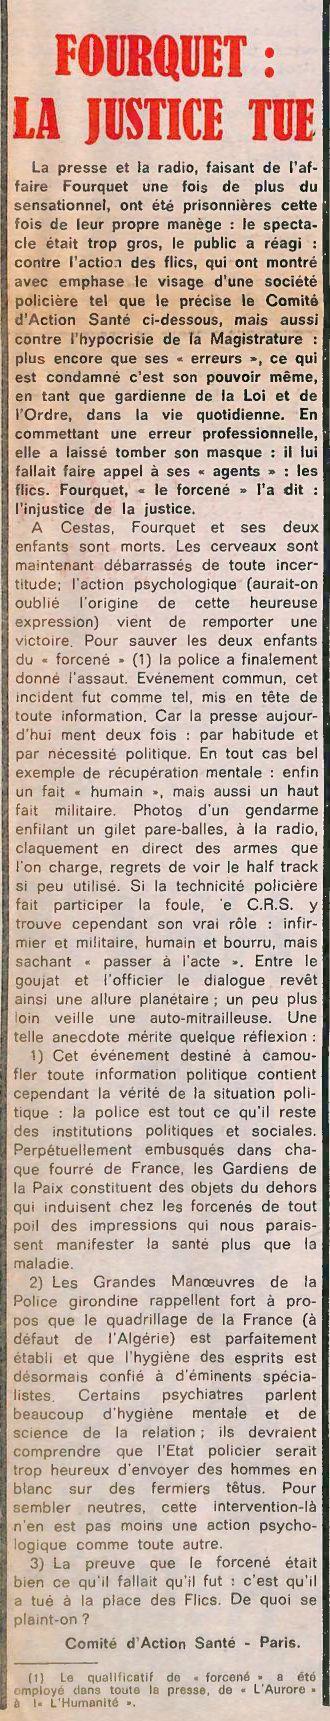 Action, nº 39, 21 février 1969, p. 8